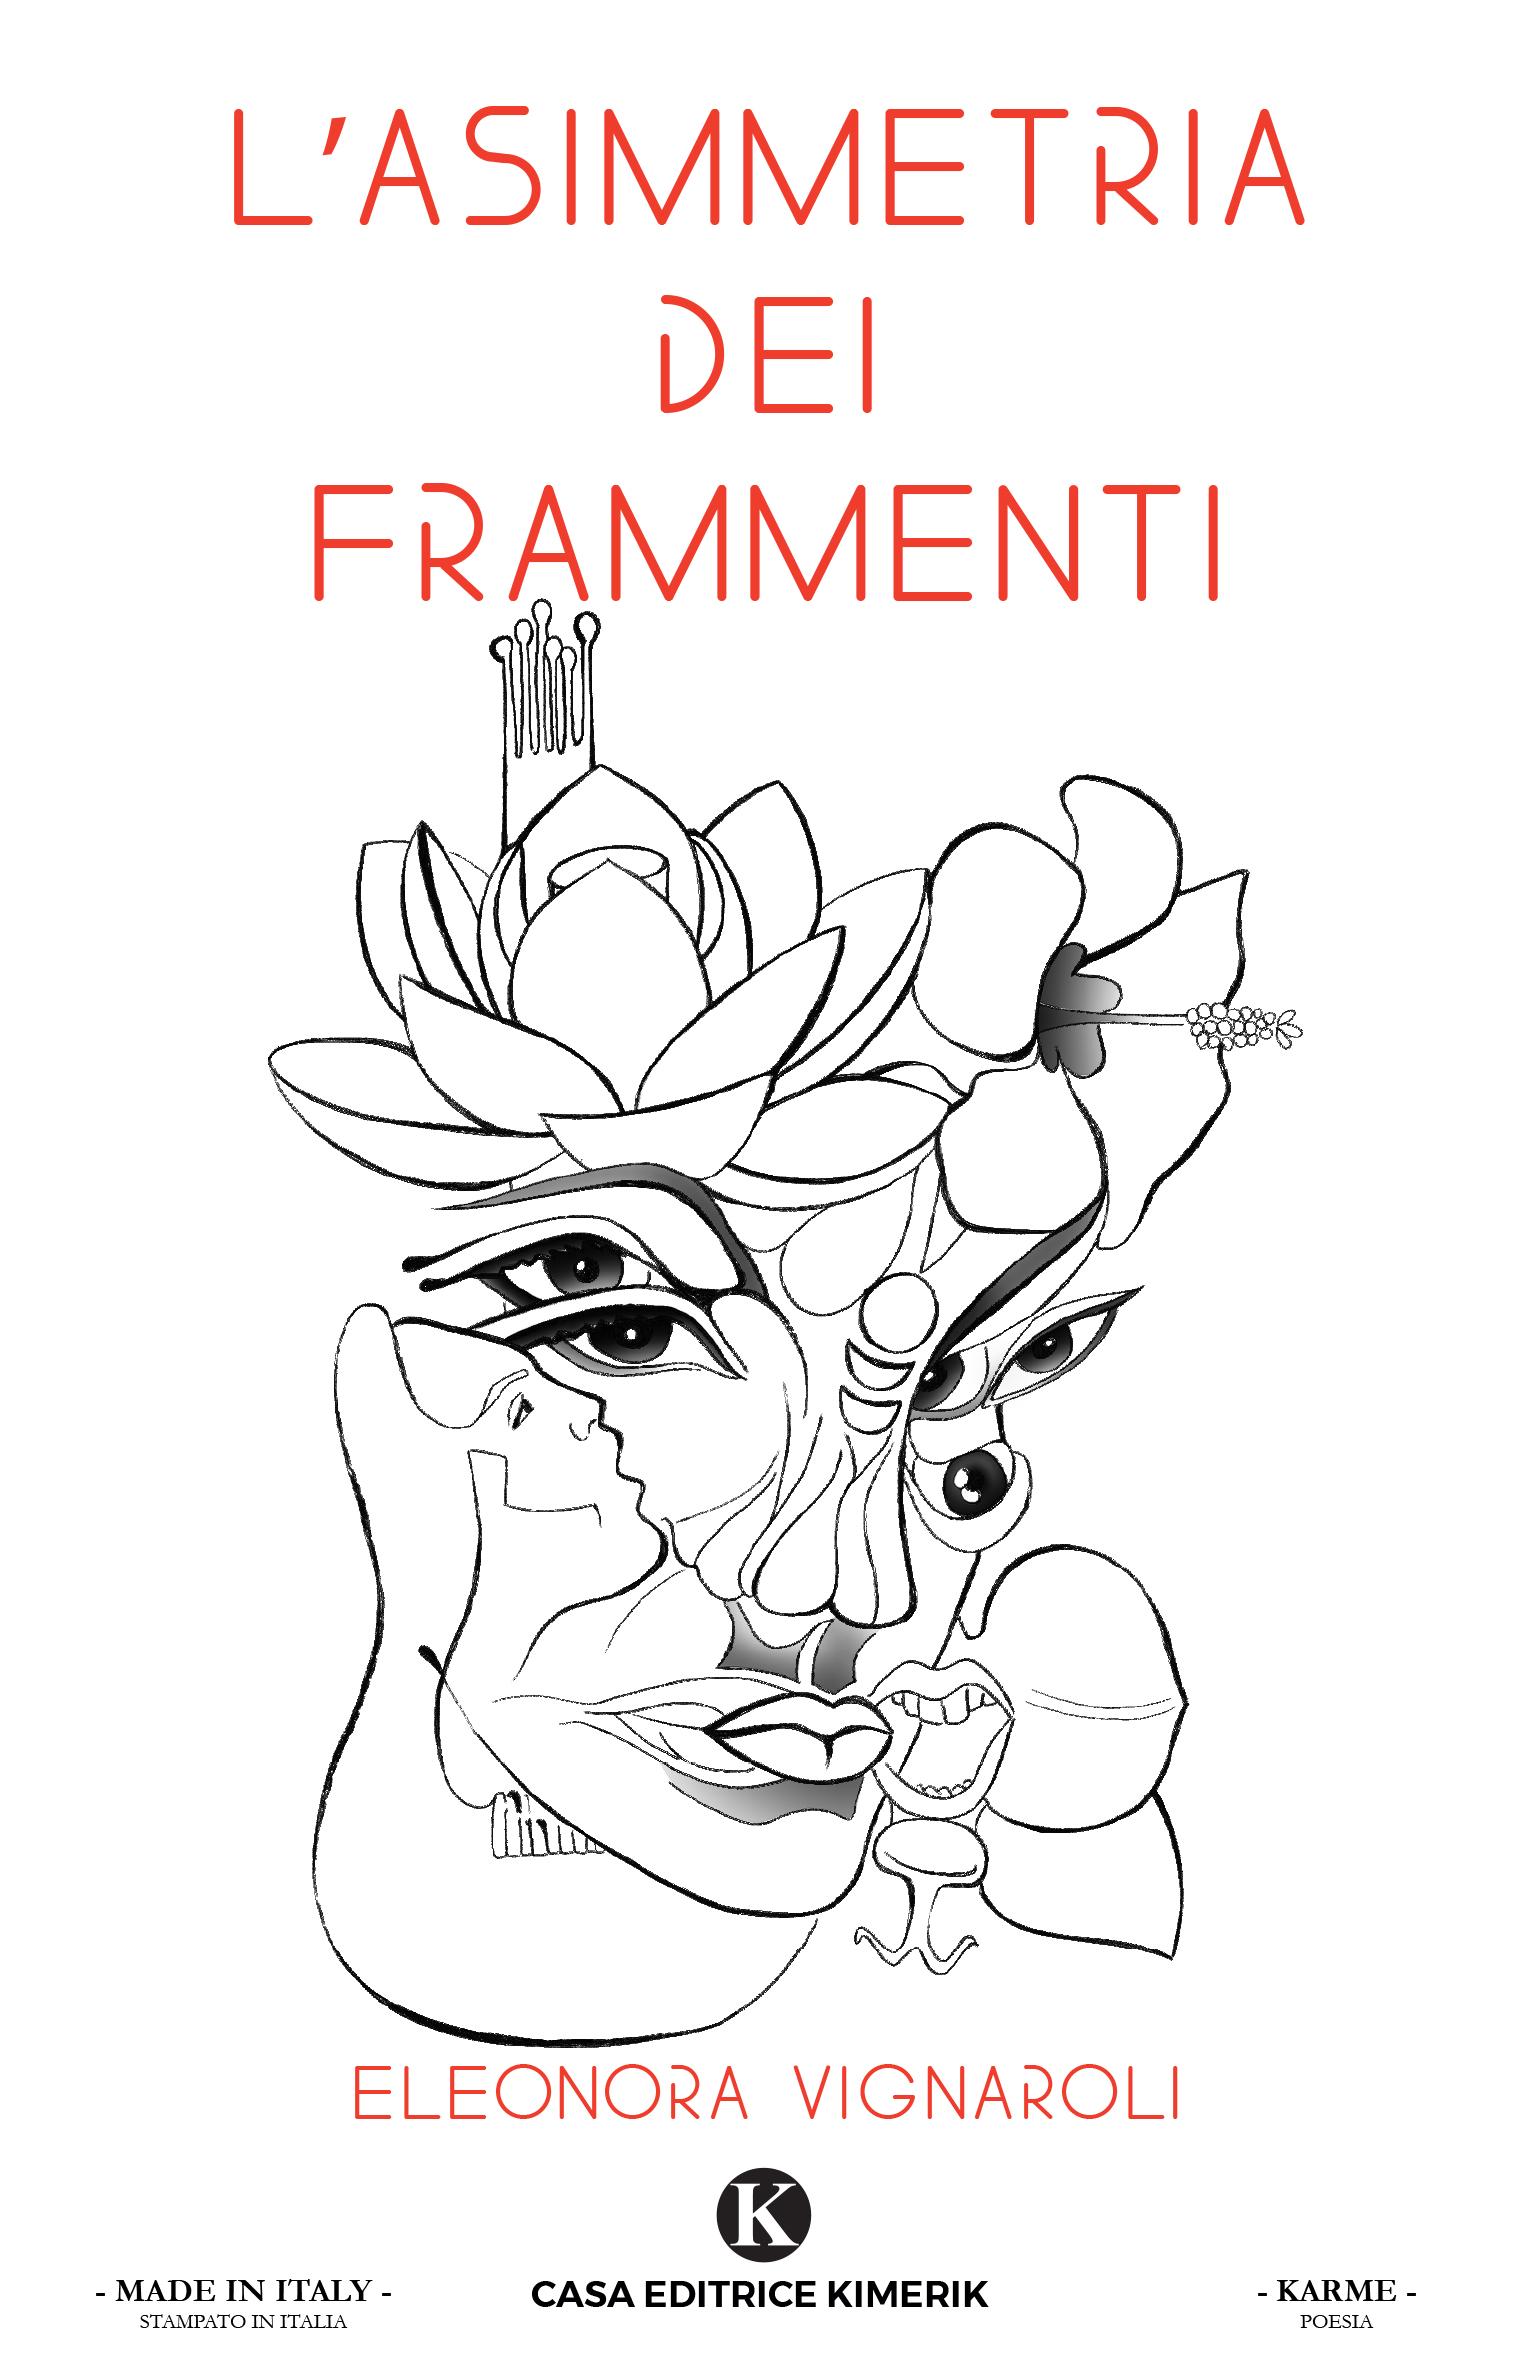 L'asimmetria dei frammenti